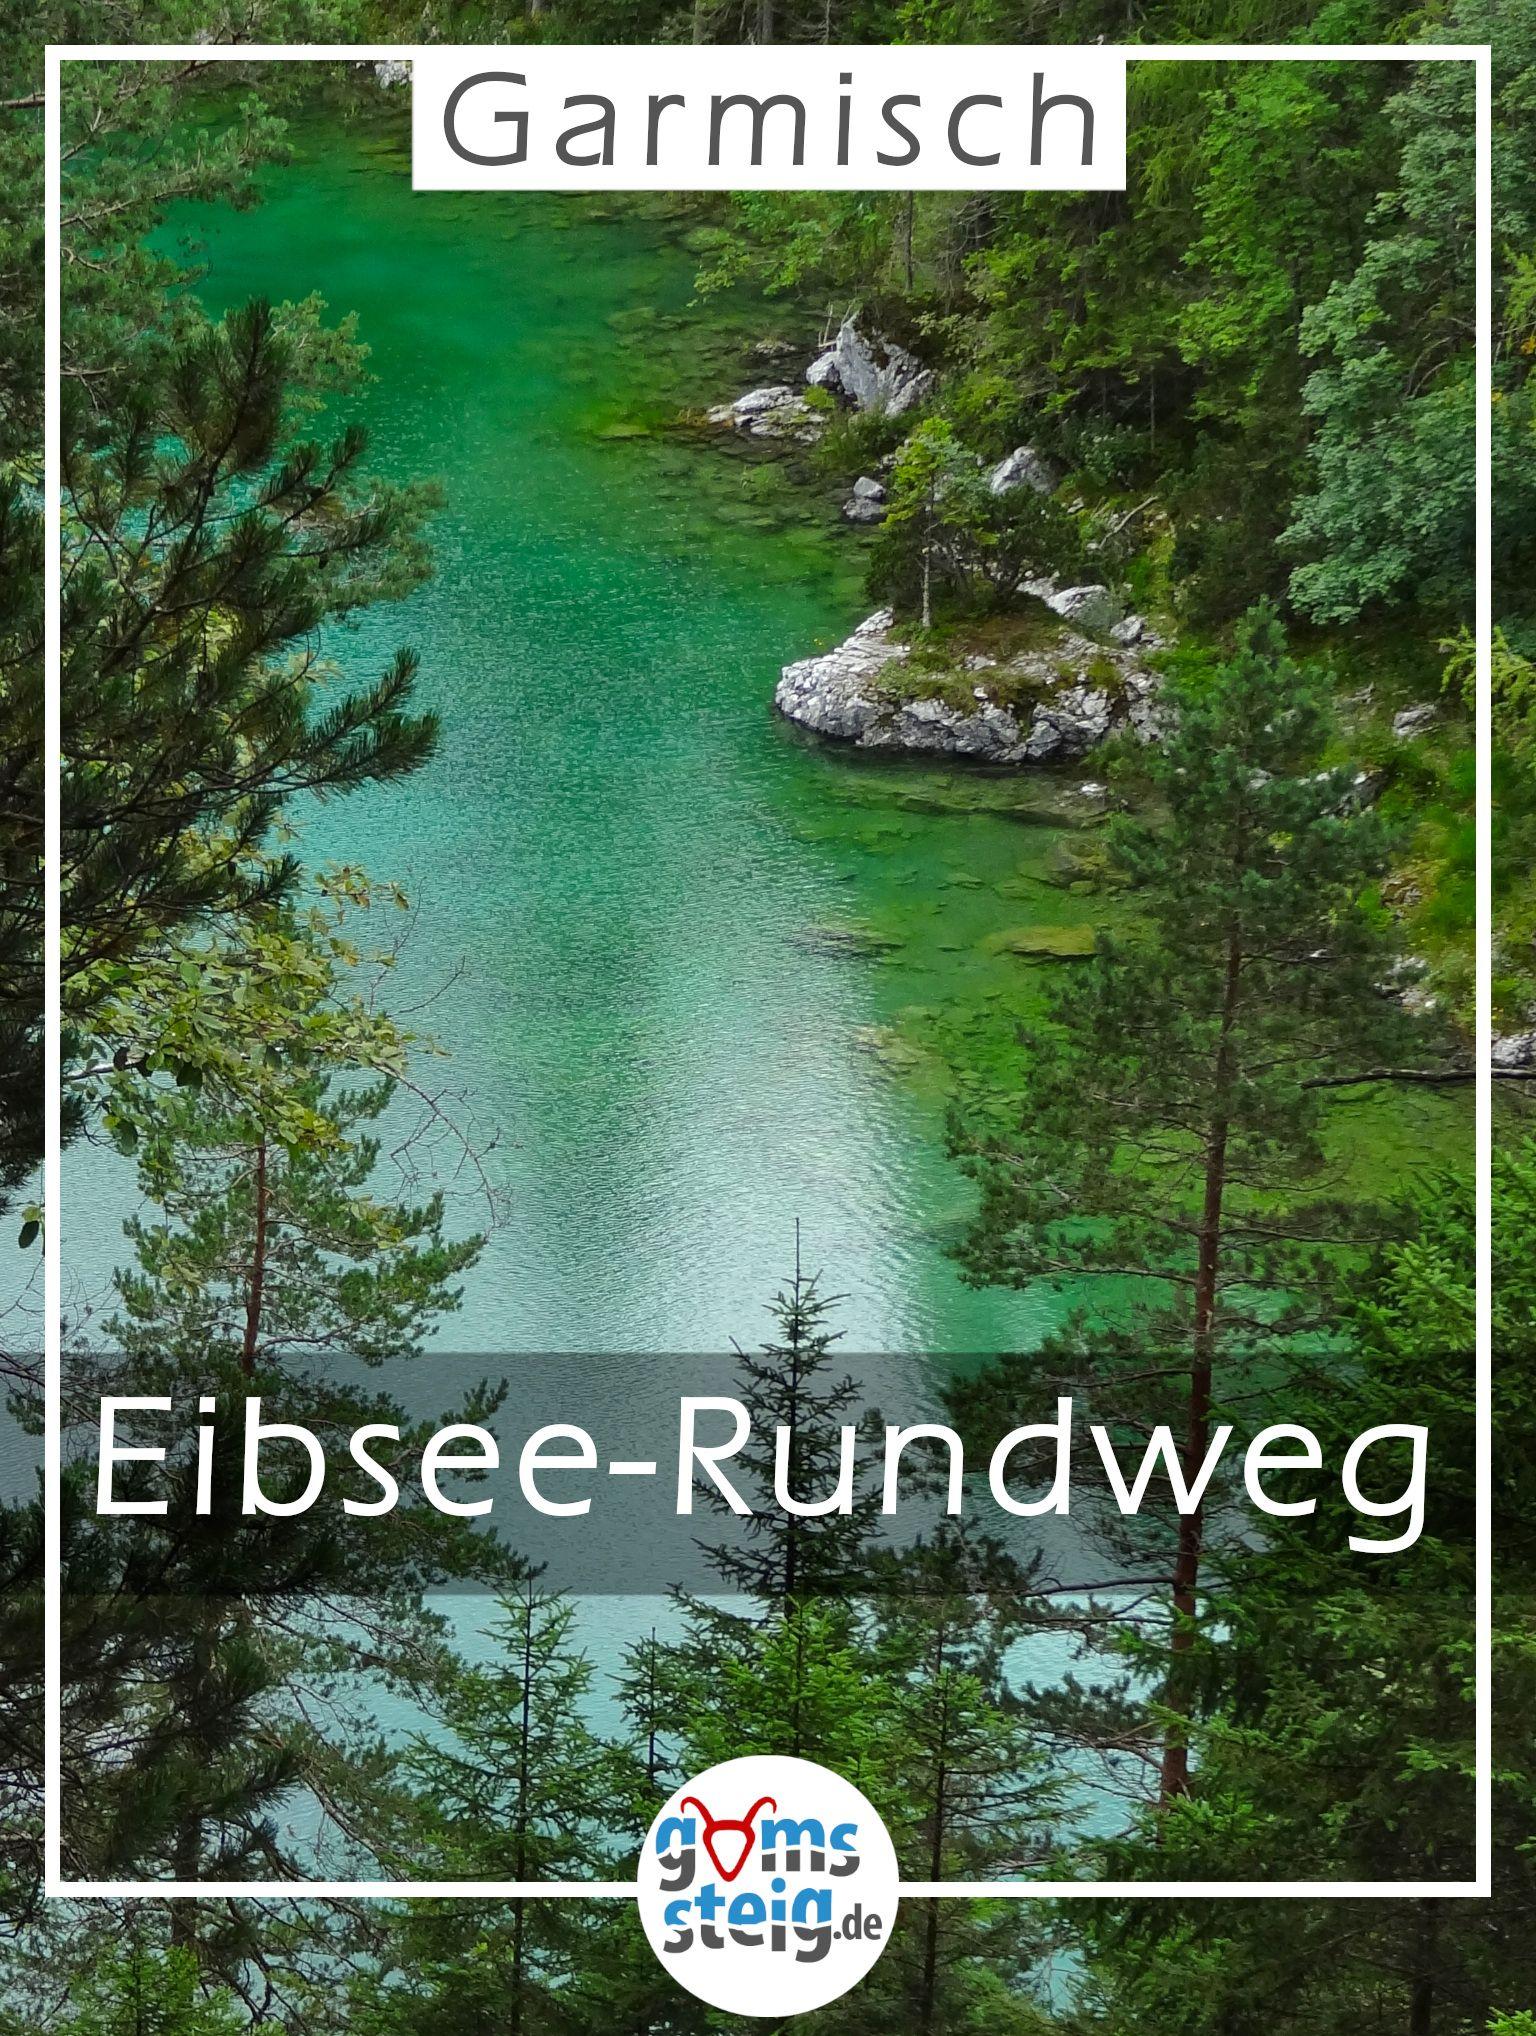 Eibsee Rundweg Und Badersee Traumhafte Wanderung Am Fusse Der Zugspitze Eibsee Irland Urlaub Alpen Urlaub